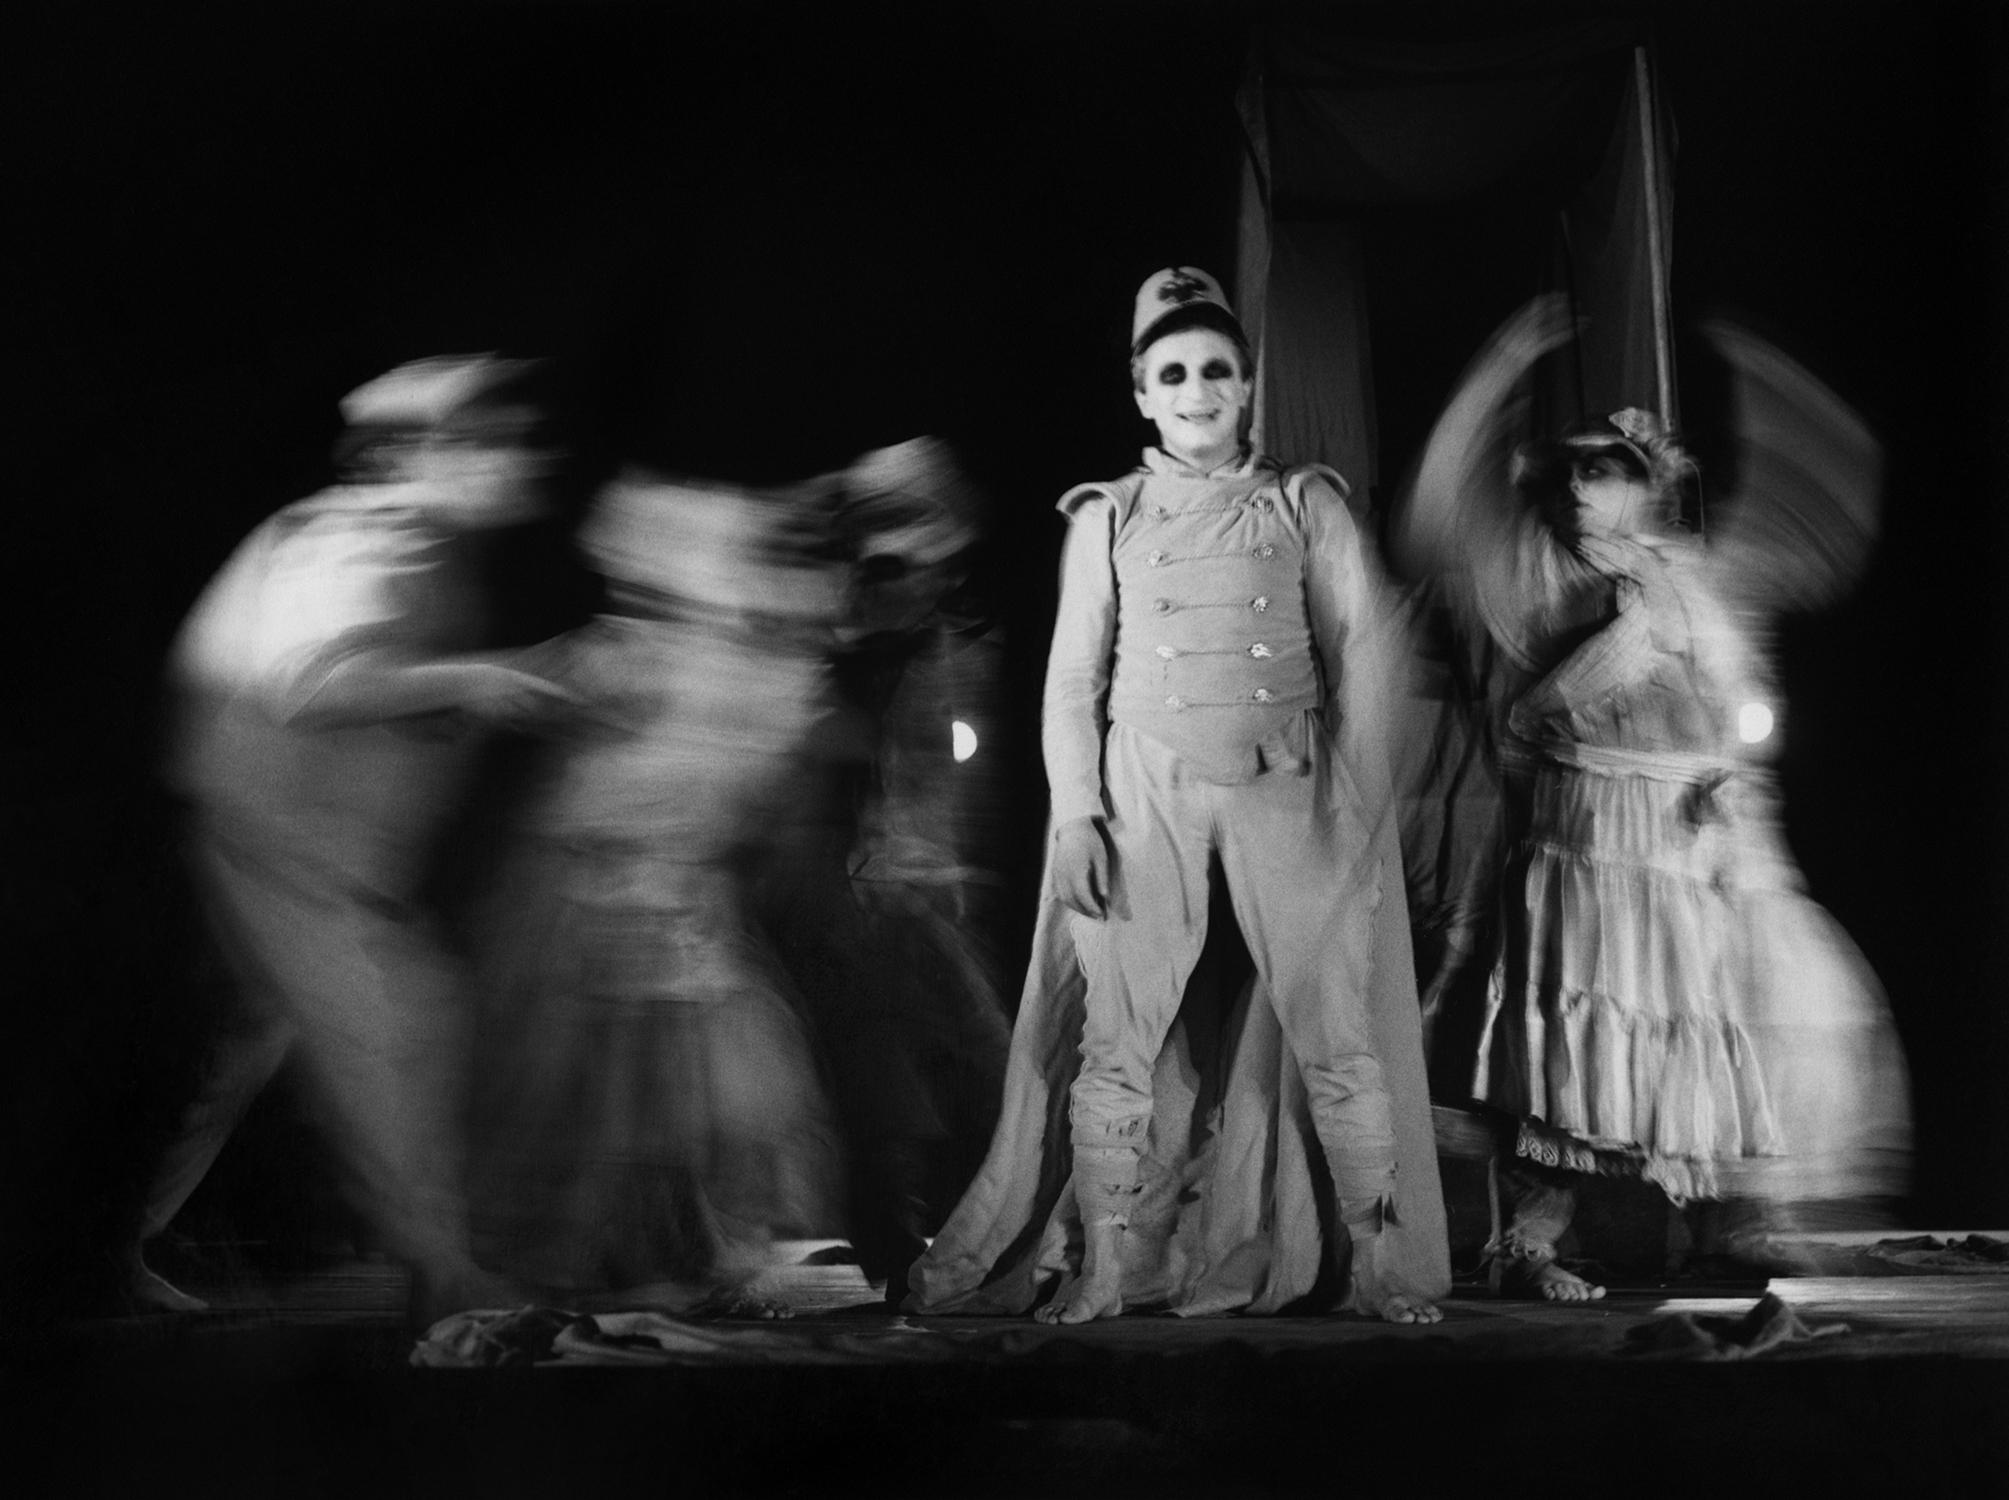 Od roku 1975 pracovalo Z-divadlo pod režijným vedením Jozefa Bednárika, ktorý ho priviedol na špičku amatérskej divadelnej scény na Slovensku. S inscenáciou Guľôčka vystúpil súbor na festivale v Monaku v roku 1985. (Zdroj: Filip Lašut)